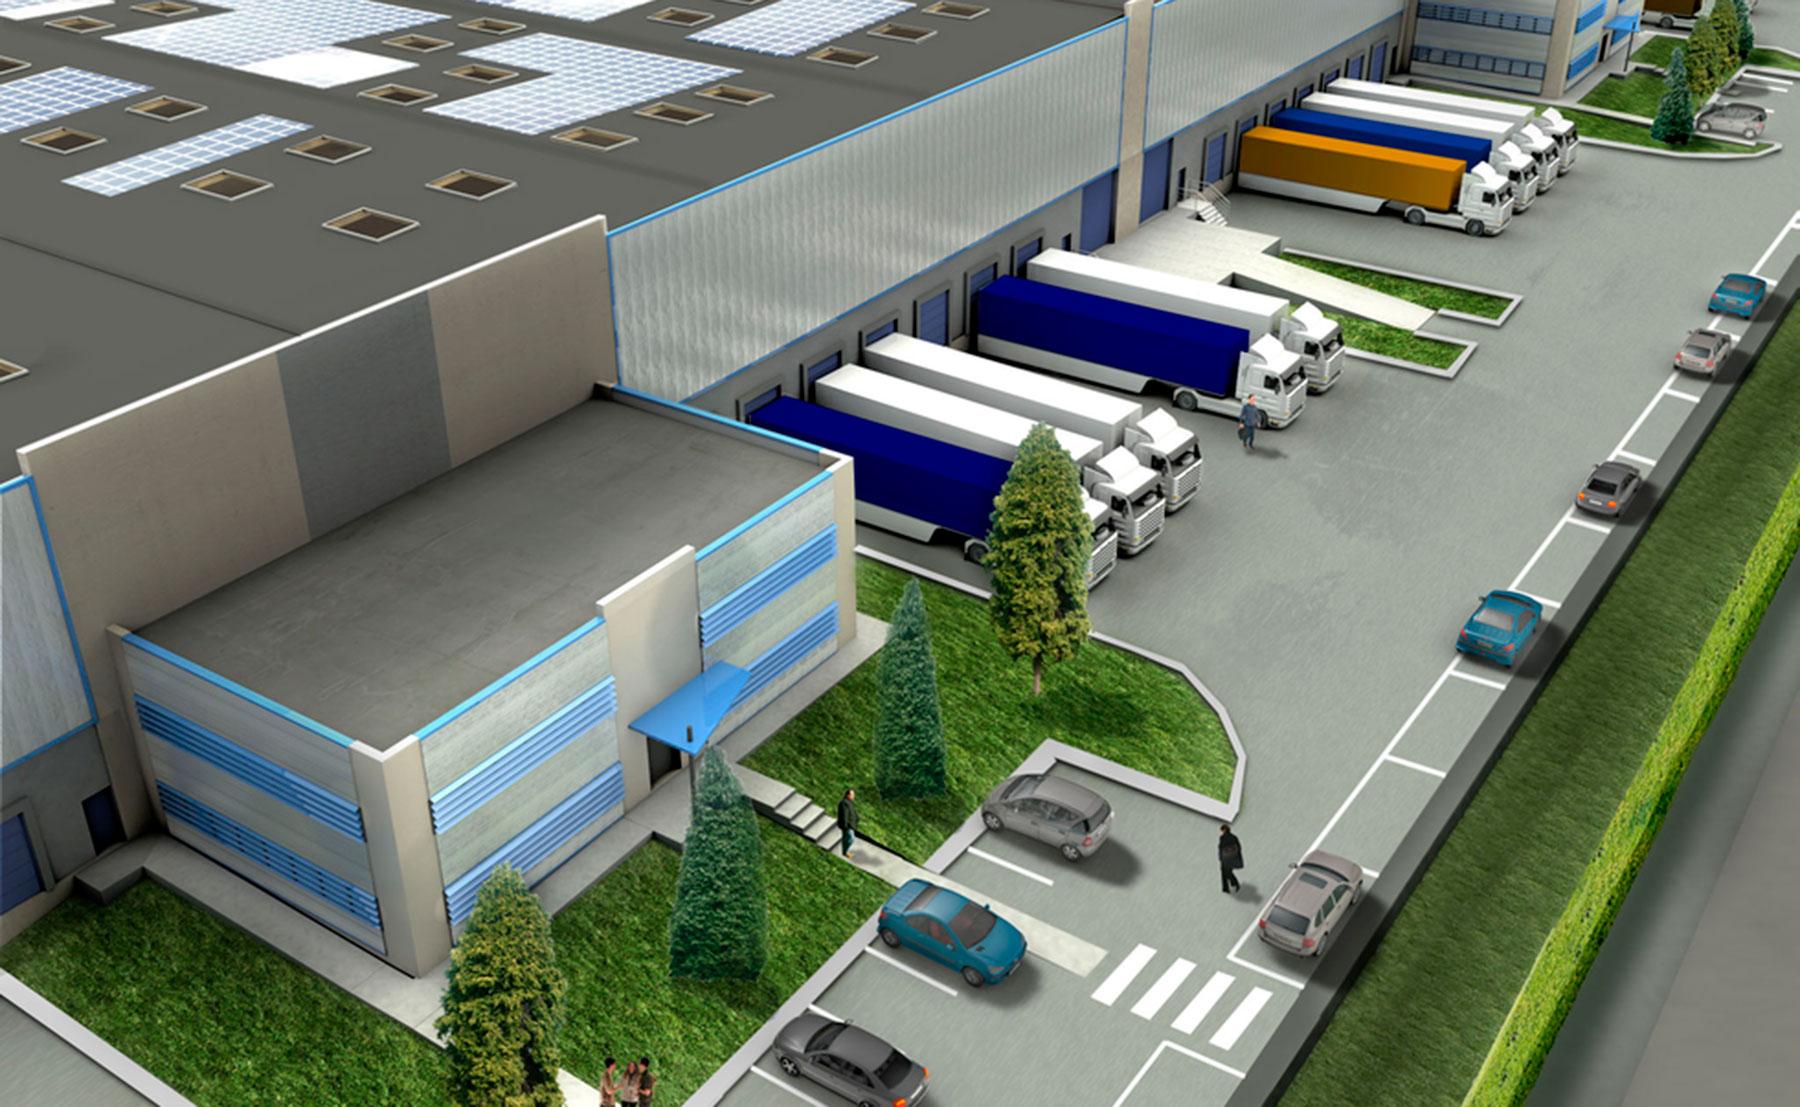 PORTE DE NARBONNE - Bâtiment industriel, entrepôt